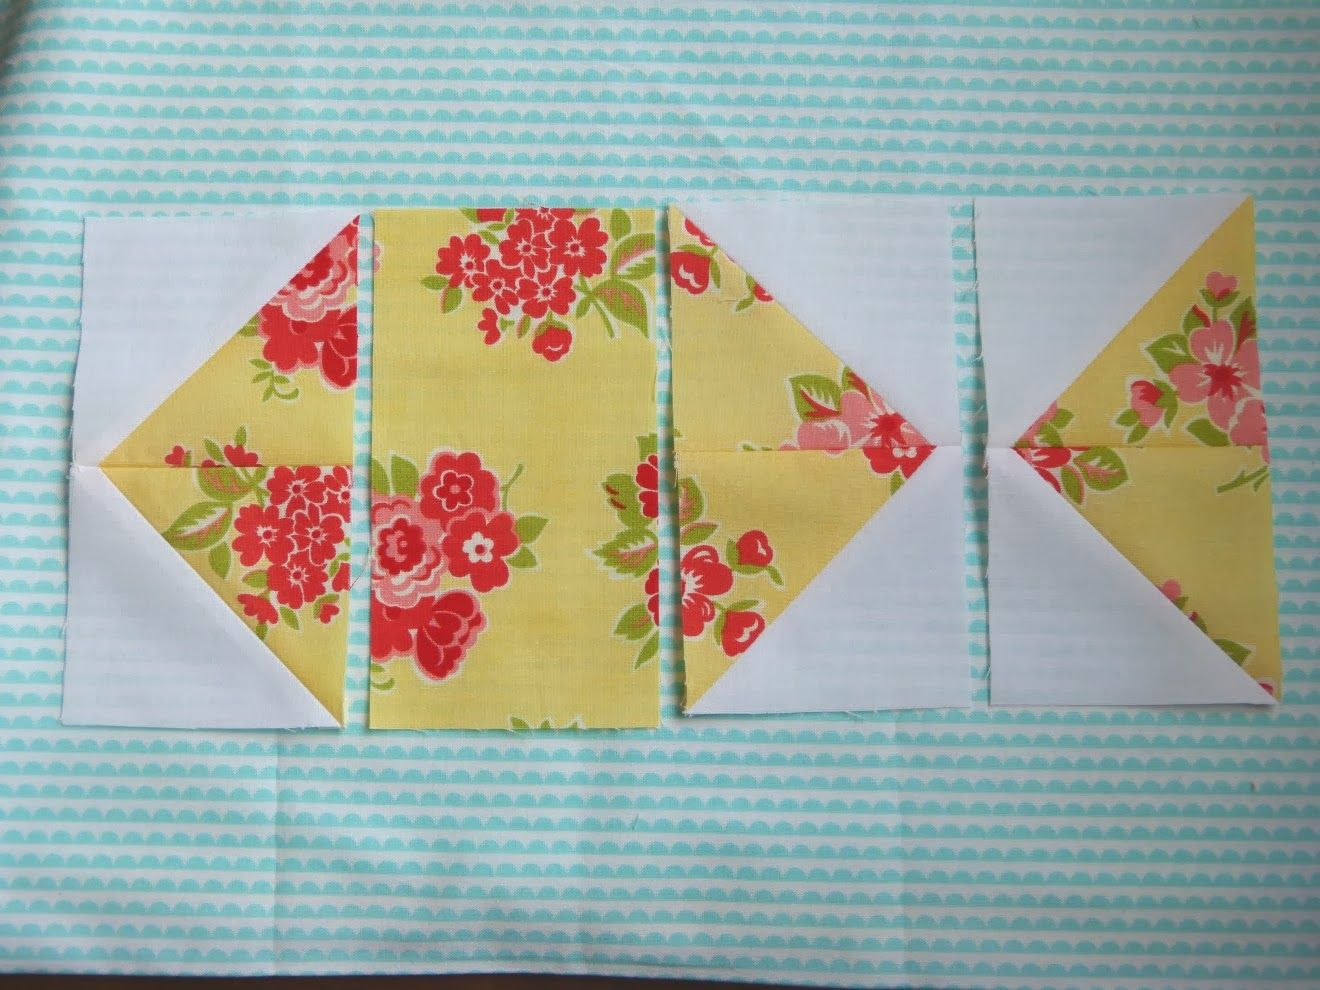 Pretty Little Quilts: Summer Beach Quilt Tutorial Part I - Fish ... : fish quilt block - Adamdwight.com